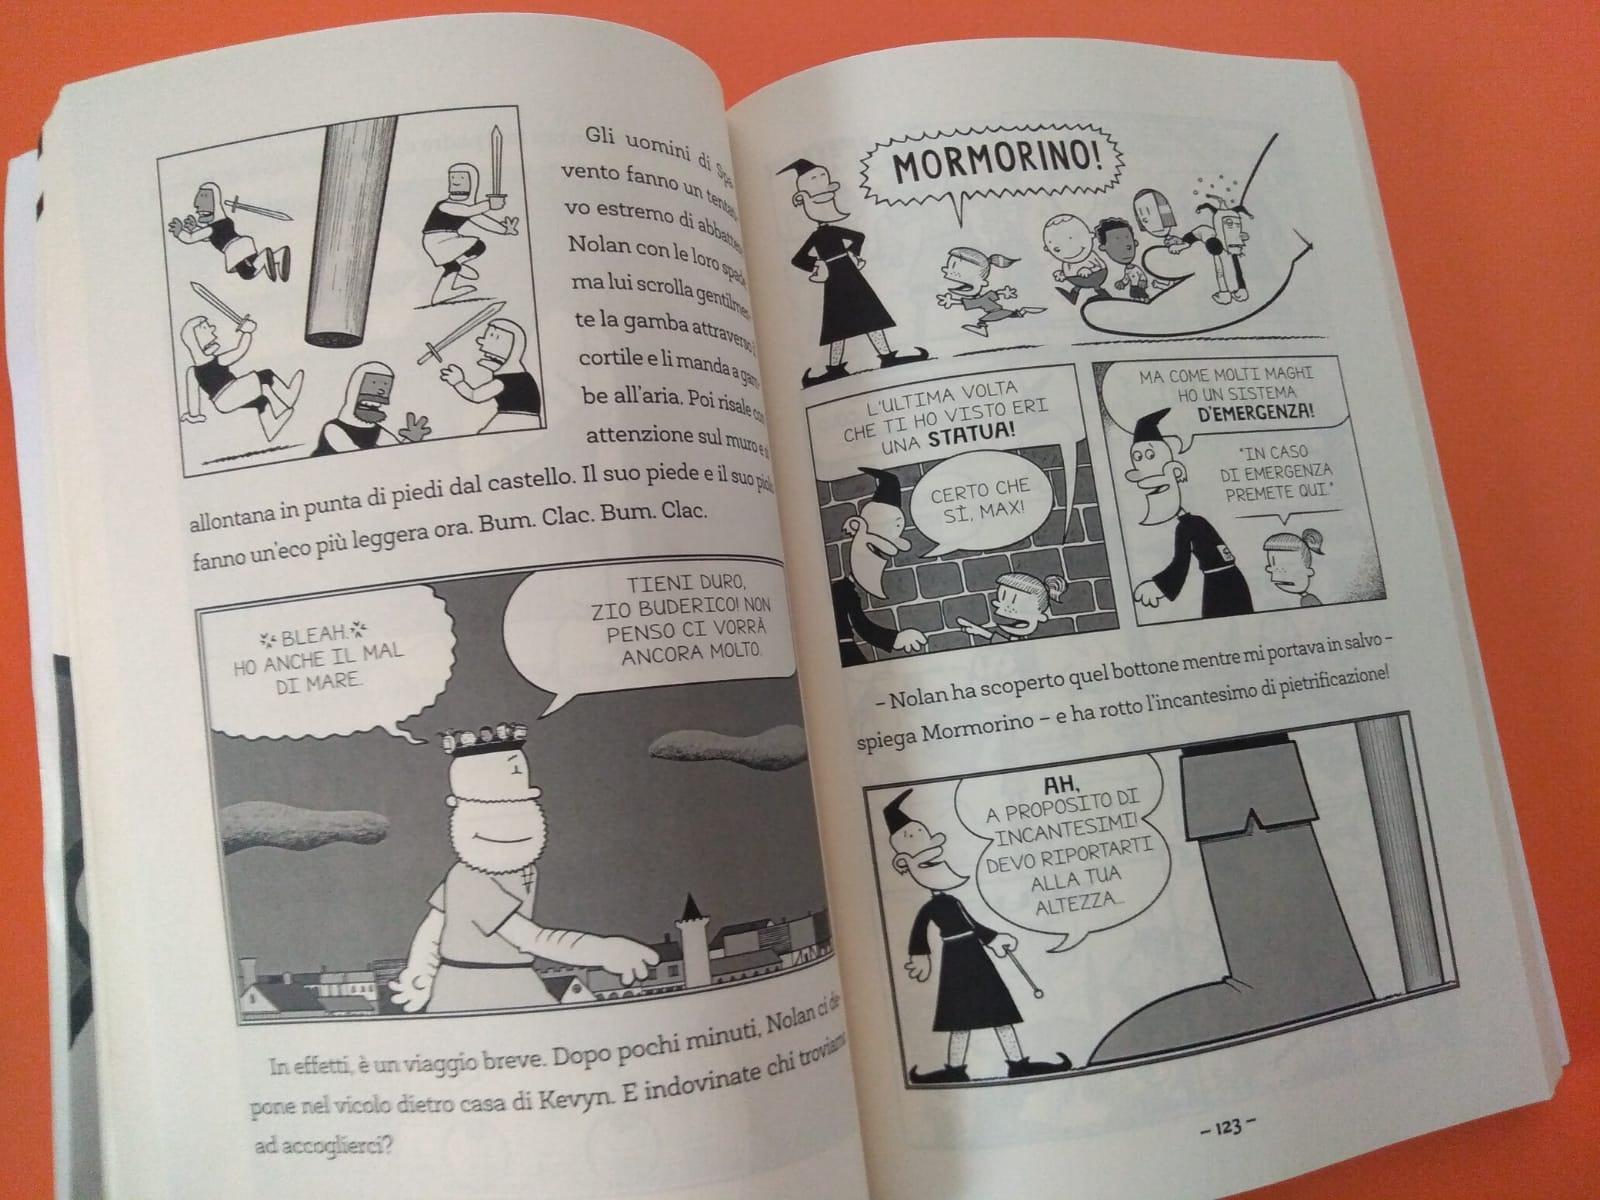 pagine del libro Max cavaliere a metà